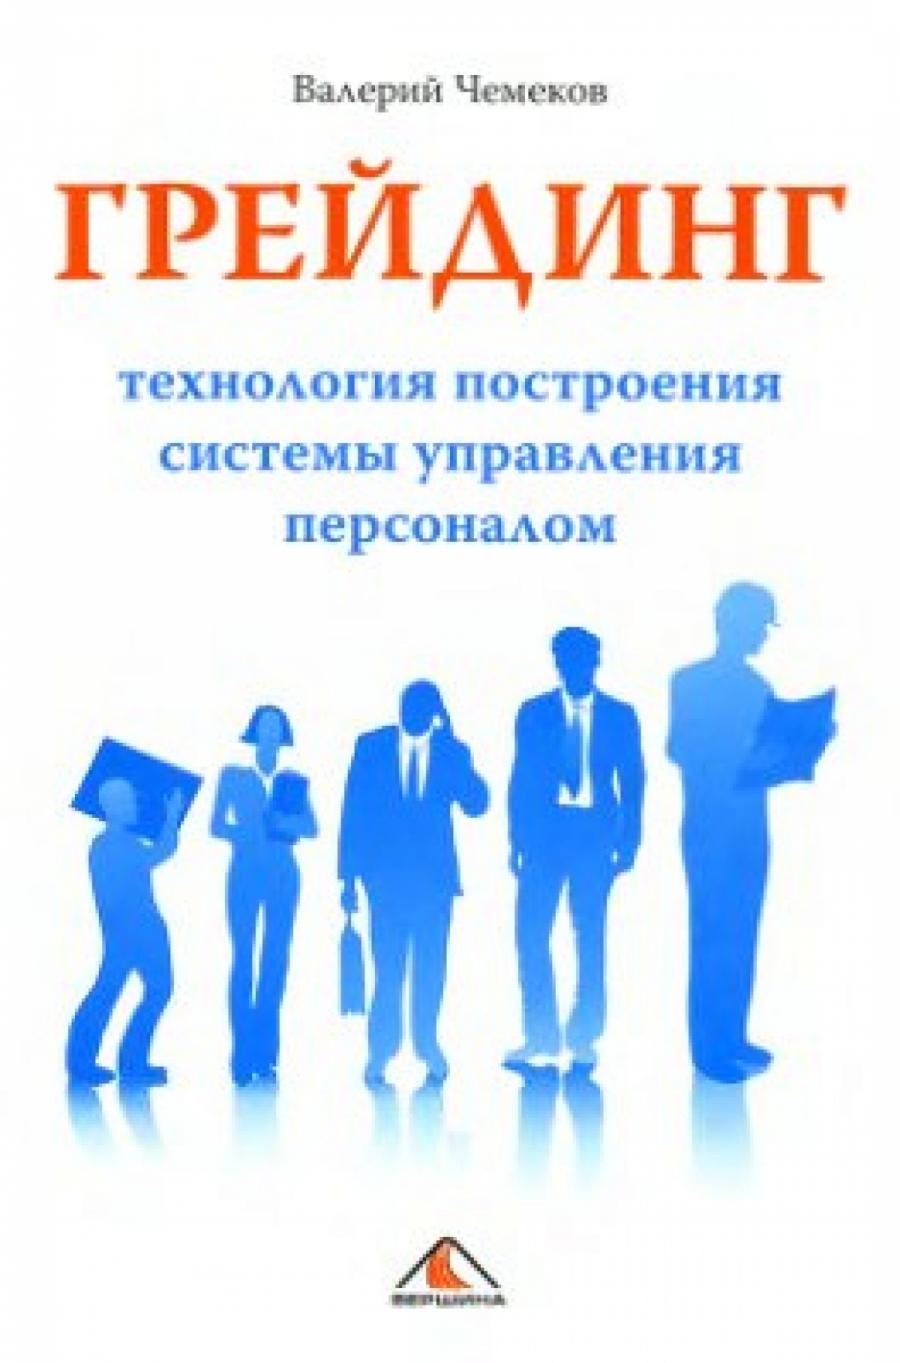 Обложка книги:  чемеков, валерий павлович - грейдинг технология построения системы управления персоналом